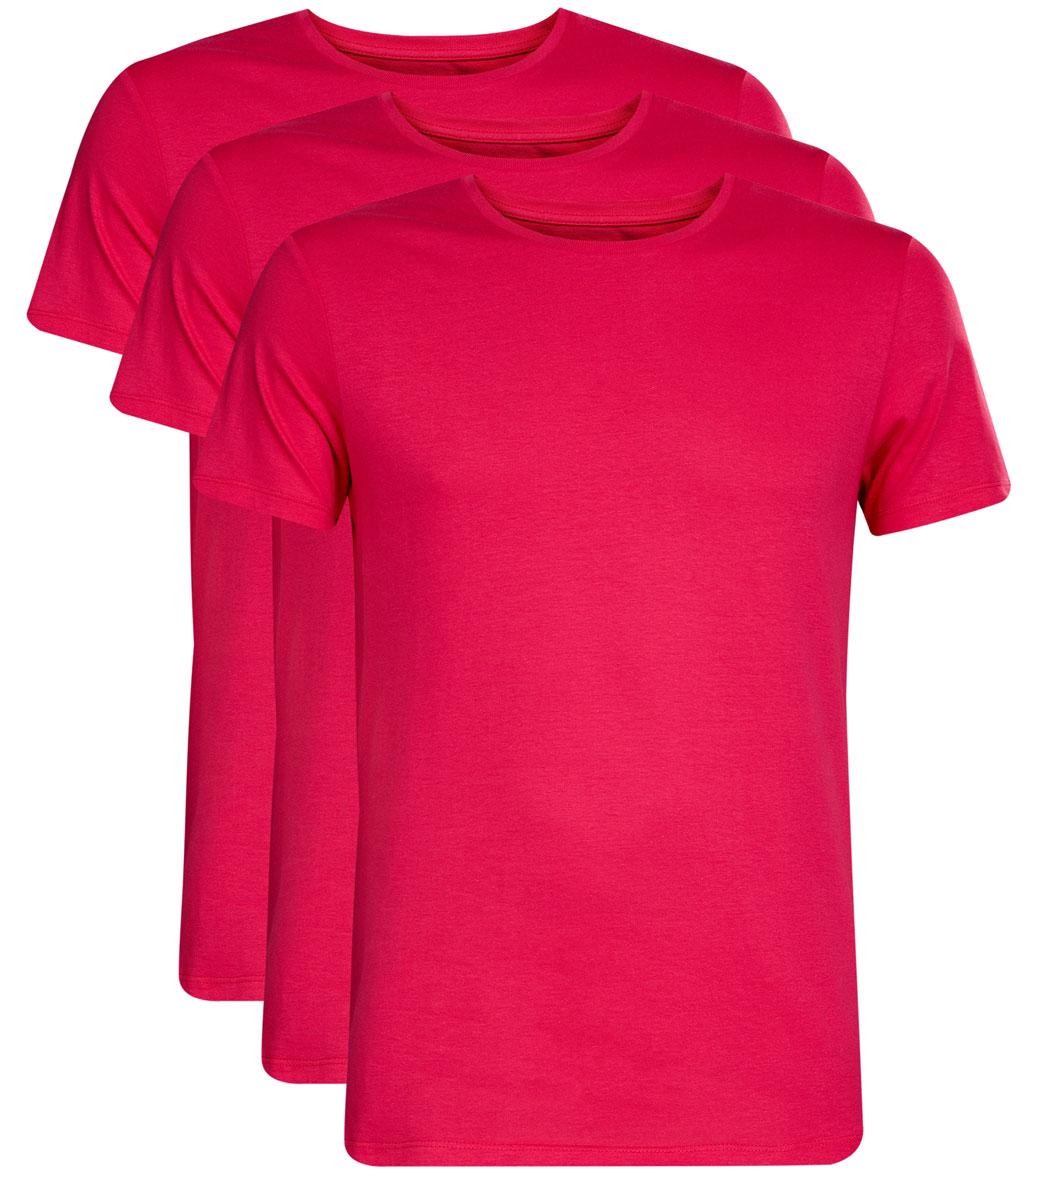 5B621002T3/44135N/4D00NМужская футболка oodji Basic изготовлена из высококачественного натурального хлопка. Модель с короткими рукавами и круглым вырезом горловины дополнена эластичной вставкой в цвет изделия по горловине. В комплекте 3 футболки.